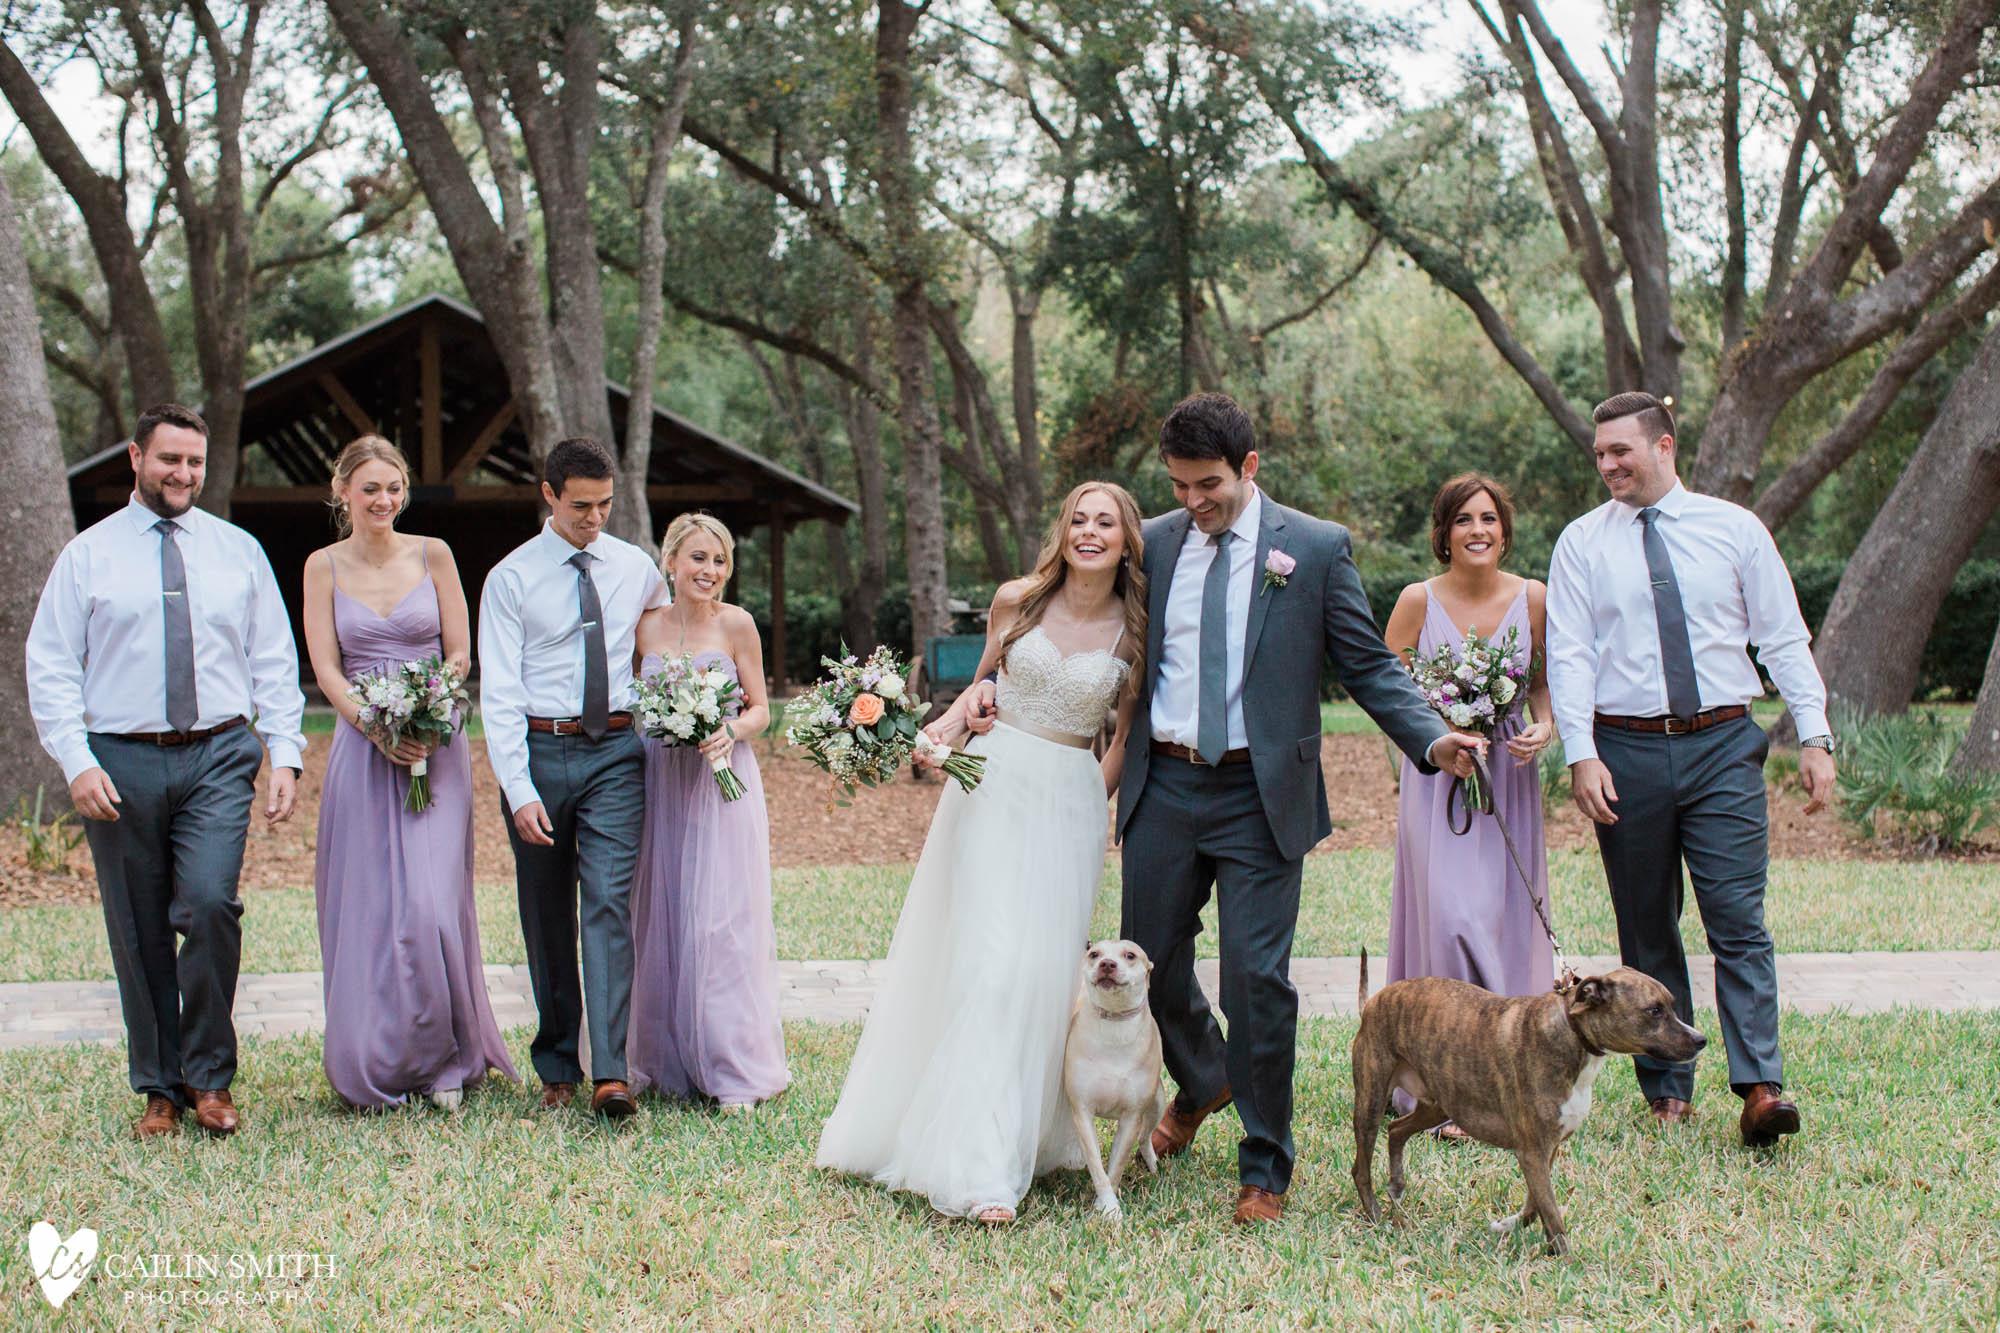 Sylvia_Anthony_Bowing_Oaks_Plantation_Wedding_Photography_0067.jpg